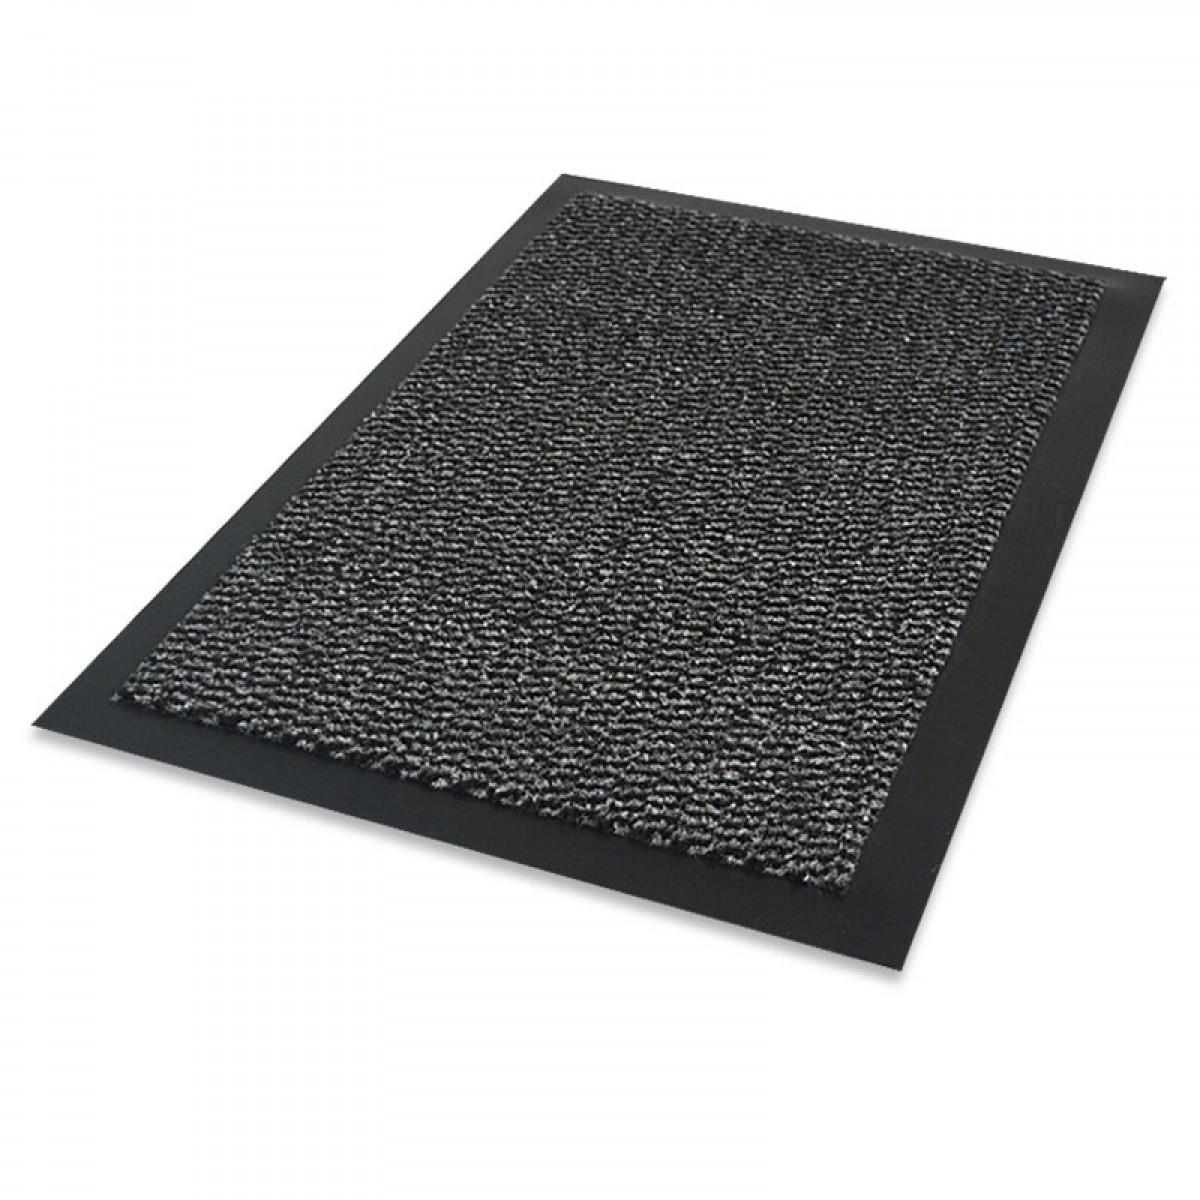 schmutzmatte als fu matte schmutzfangmatte waschbar grau schmutzmatte grau schmutzfangmatte. Black Bedroom Furniture Sets. Home Design Ideas